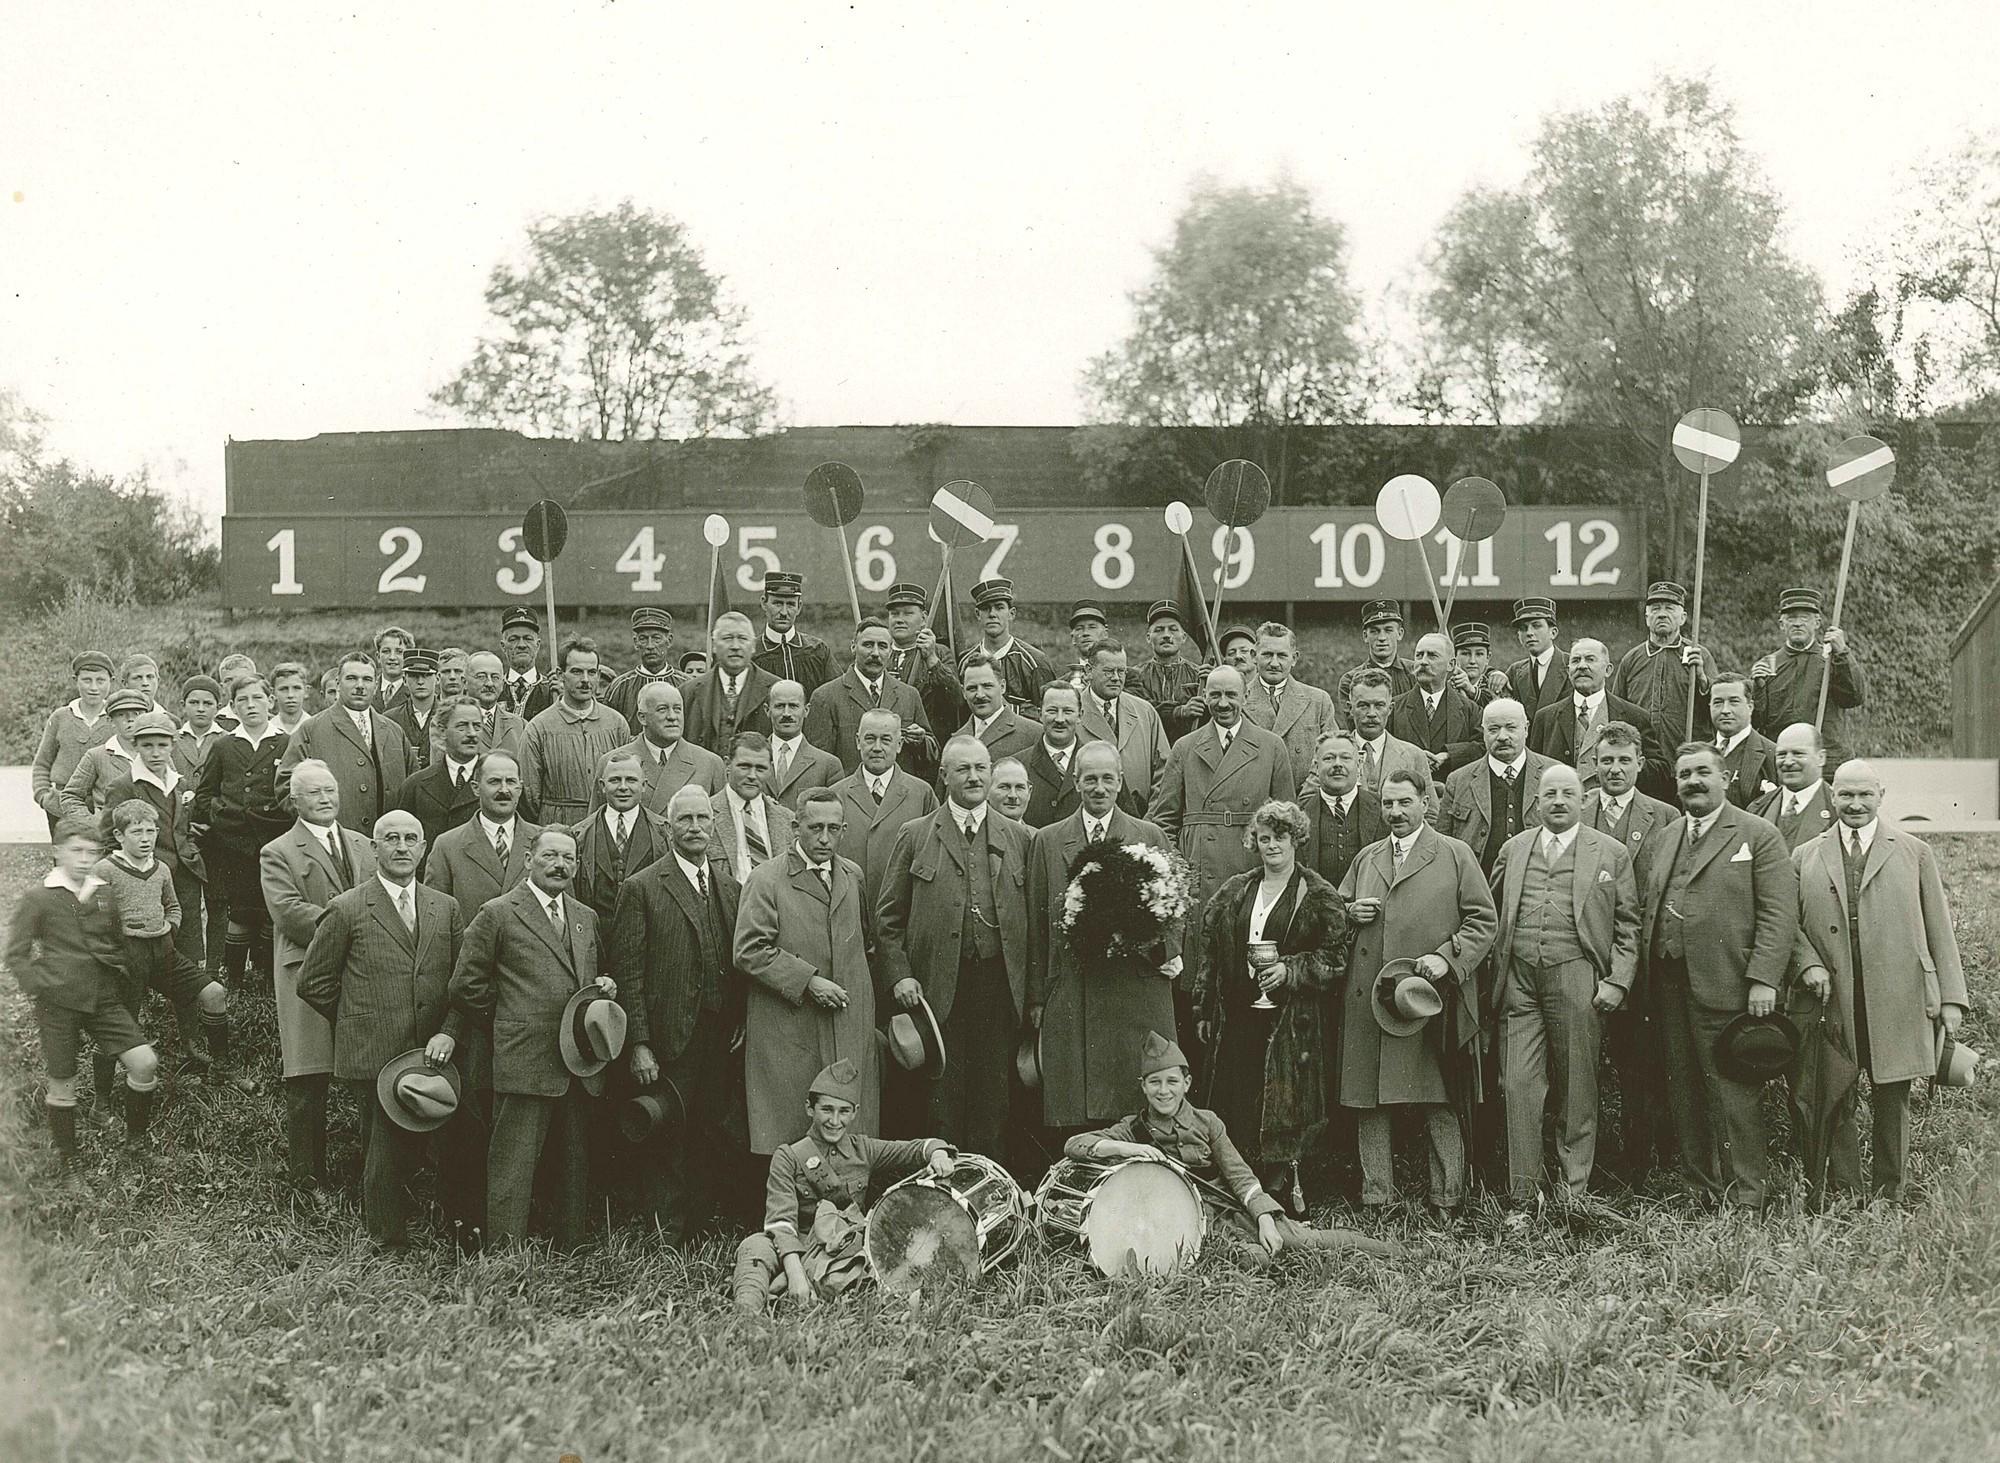 Standweihe des erweiterten Schiessstandes der Feuerschützen im Allschwilerweiher 1930